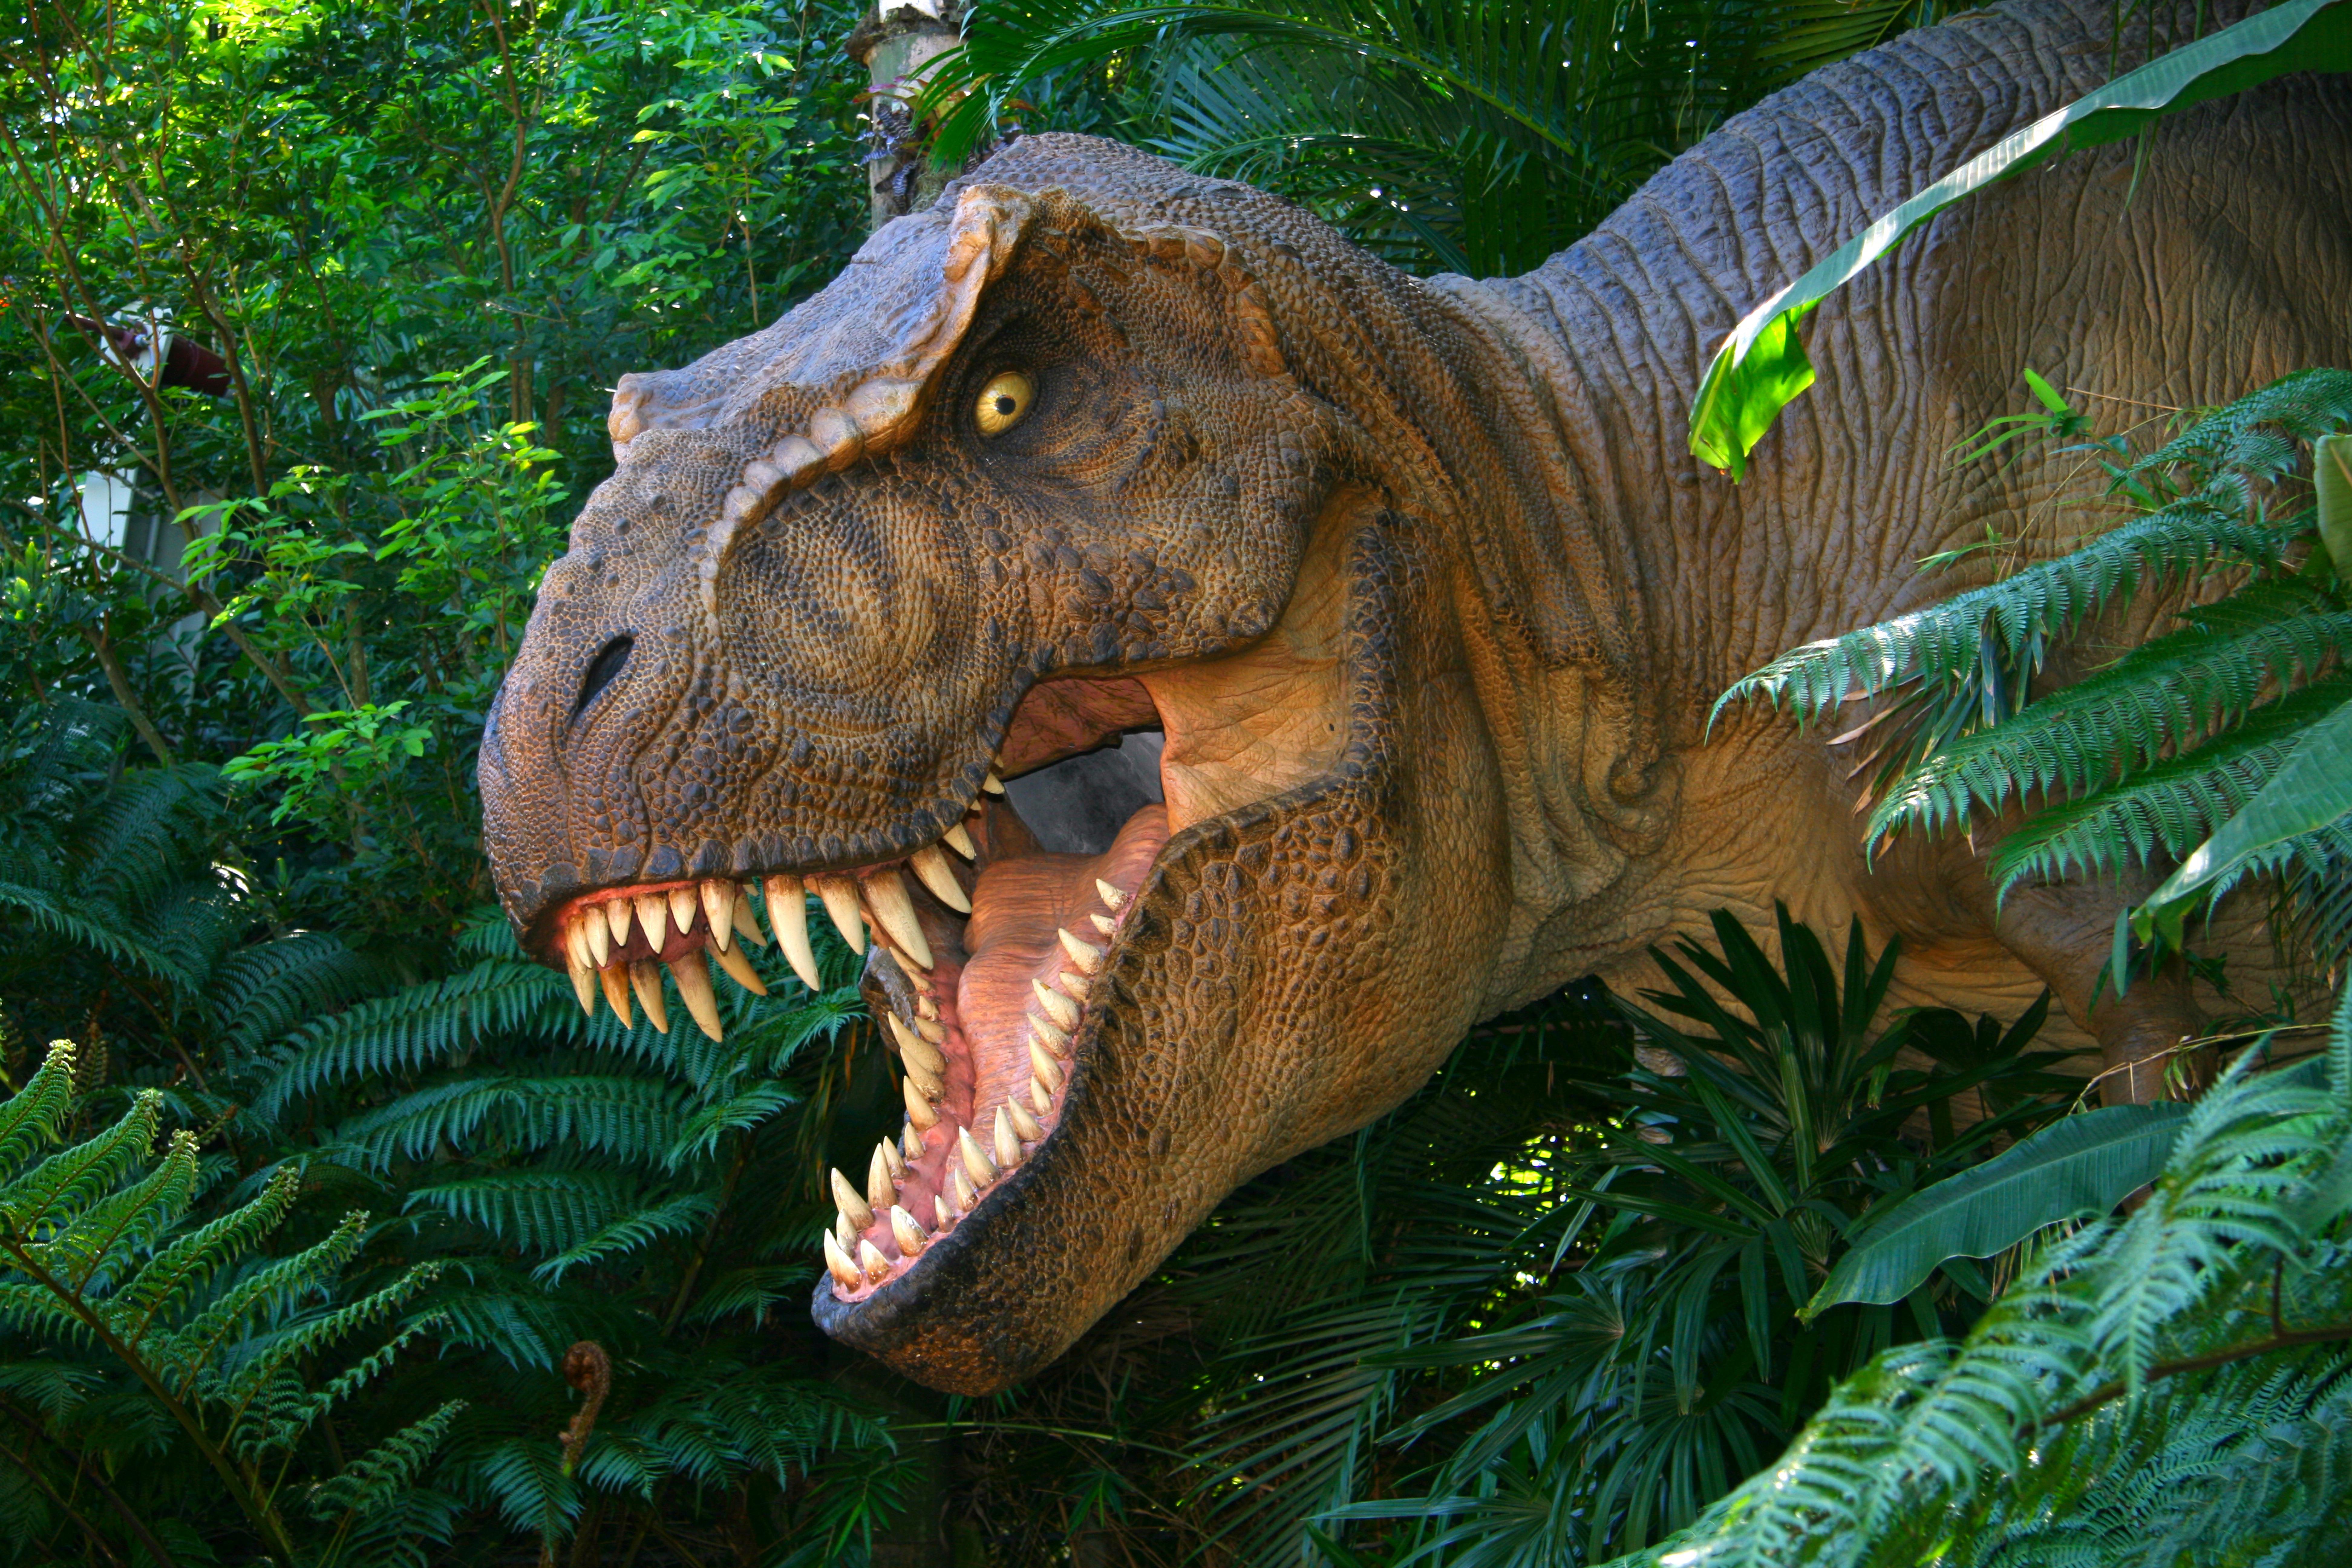 посмотреть все картинки динозавров рамках этого